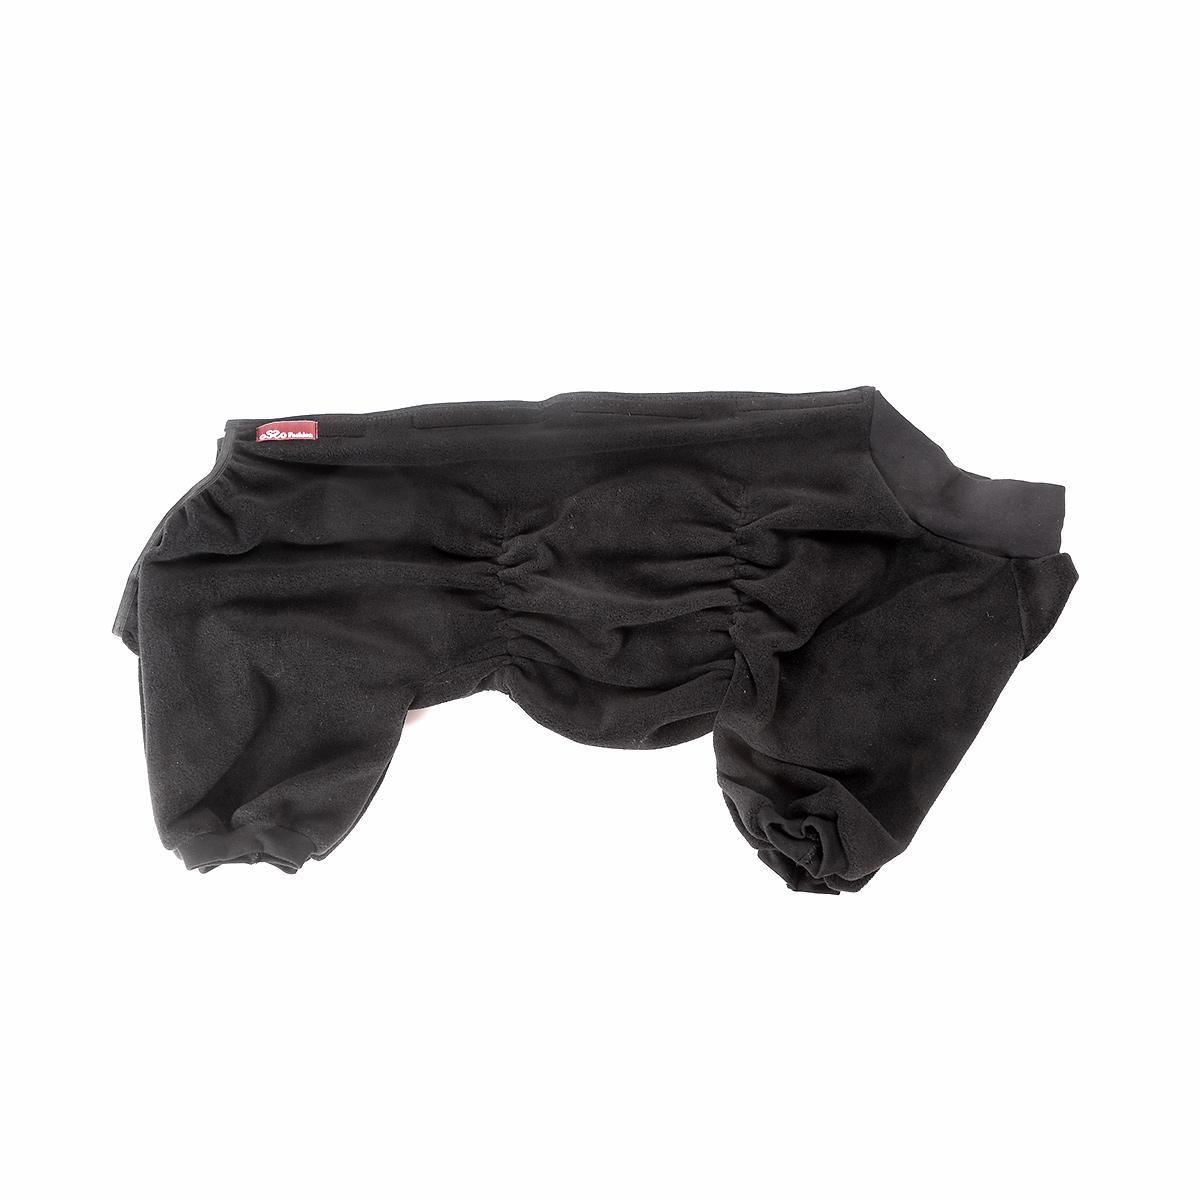 Комбинезон для собак OSSO Fashion, для мальчика, цвет: графит. Размер 300120710Комбинезон для собак OSSO Fashion выполнен из флиса. Комфортная посадка по корпусу достигается за счет резинок-утяжек под грудью и животом. На воротнике имеются завязки, для дополнительной фиксации. Можно носить самостоятельно и как поддевку под комбинезон для собак. Изделие отлично стирается, быстро сохнет.Длина спинки: 30 см.Объем груди: 34-44 см.